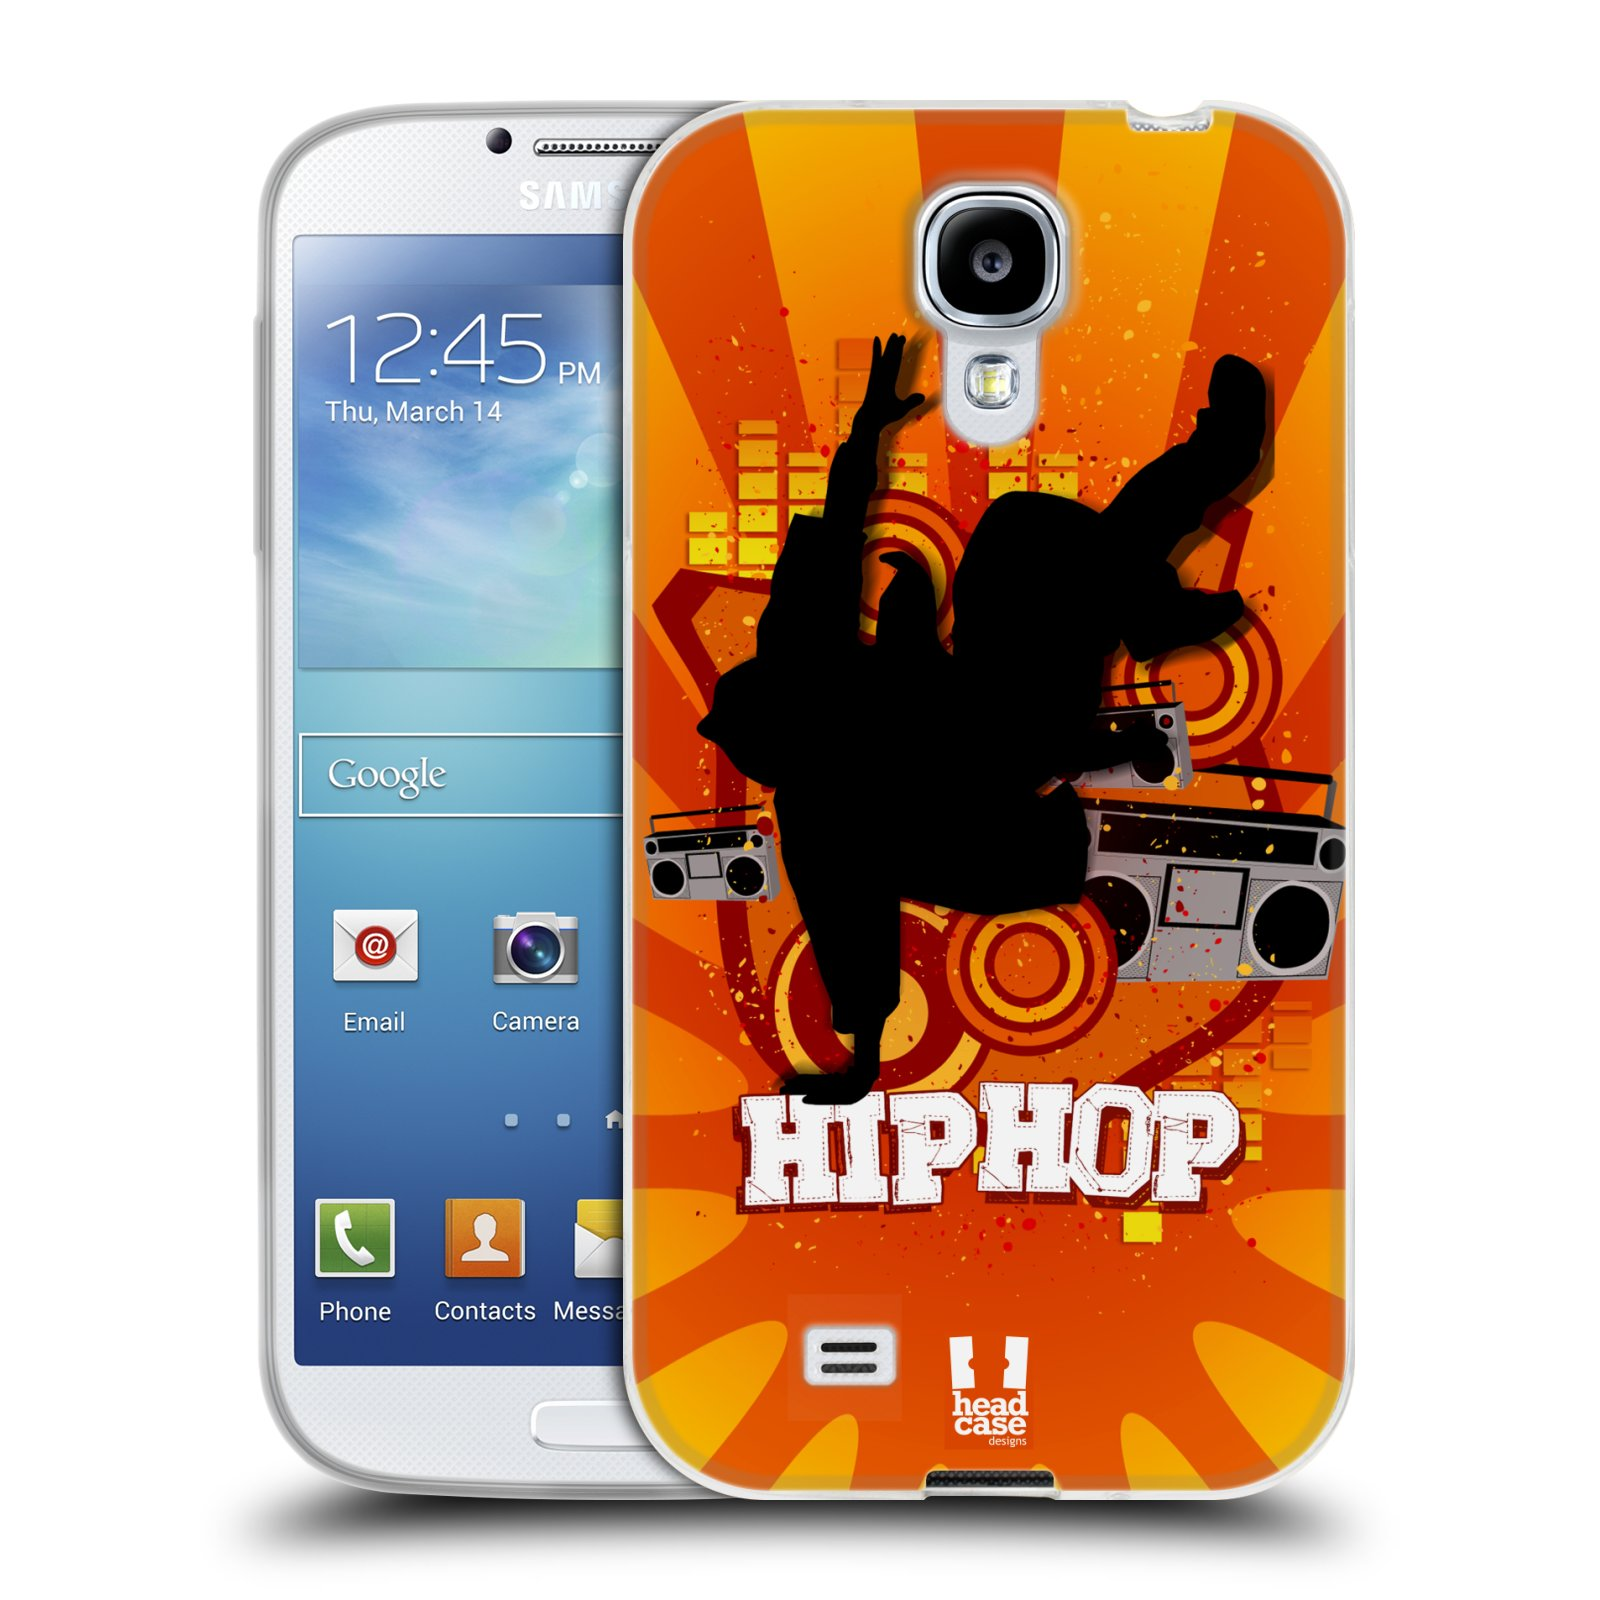 HEAD CASE silikonový obal na mobil Samsung Galaxy S4 i9500 vzor TANEC SILUETA HIP HOP